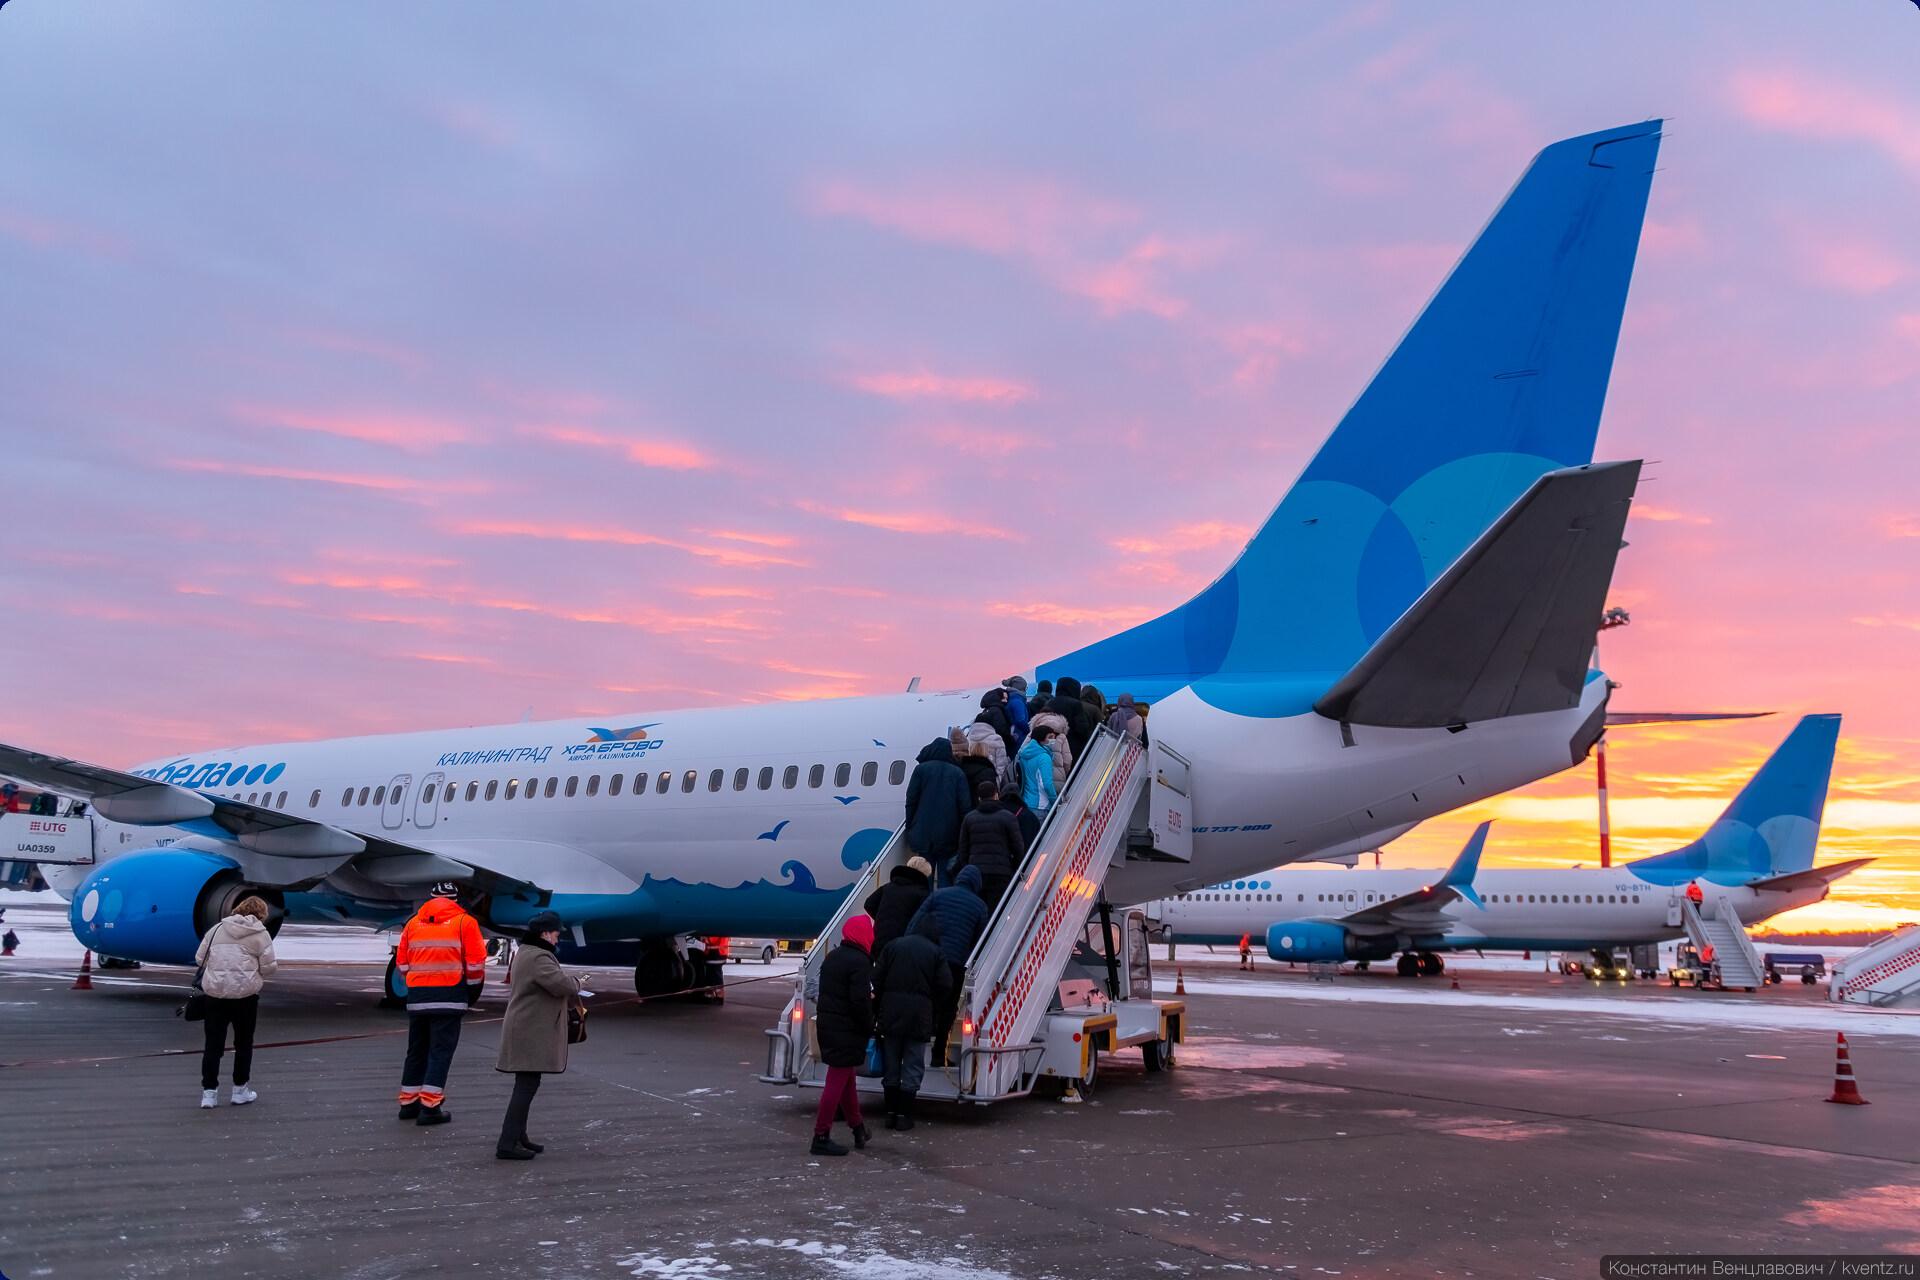 04. Заканчивается посадка на рейс в Калининград. Посадка проходит через две двери сразу —так быстрее.